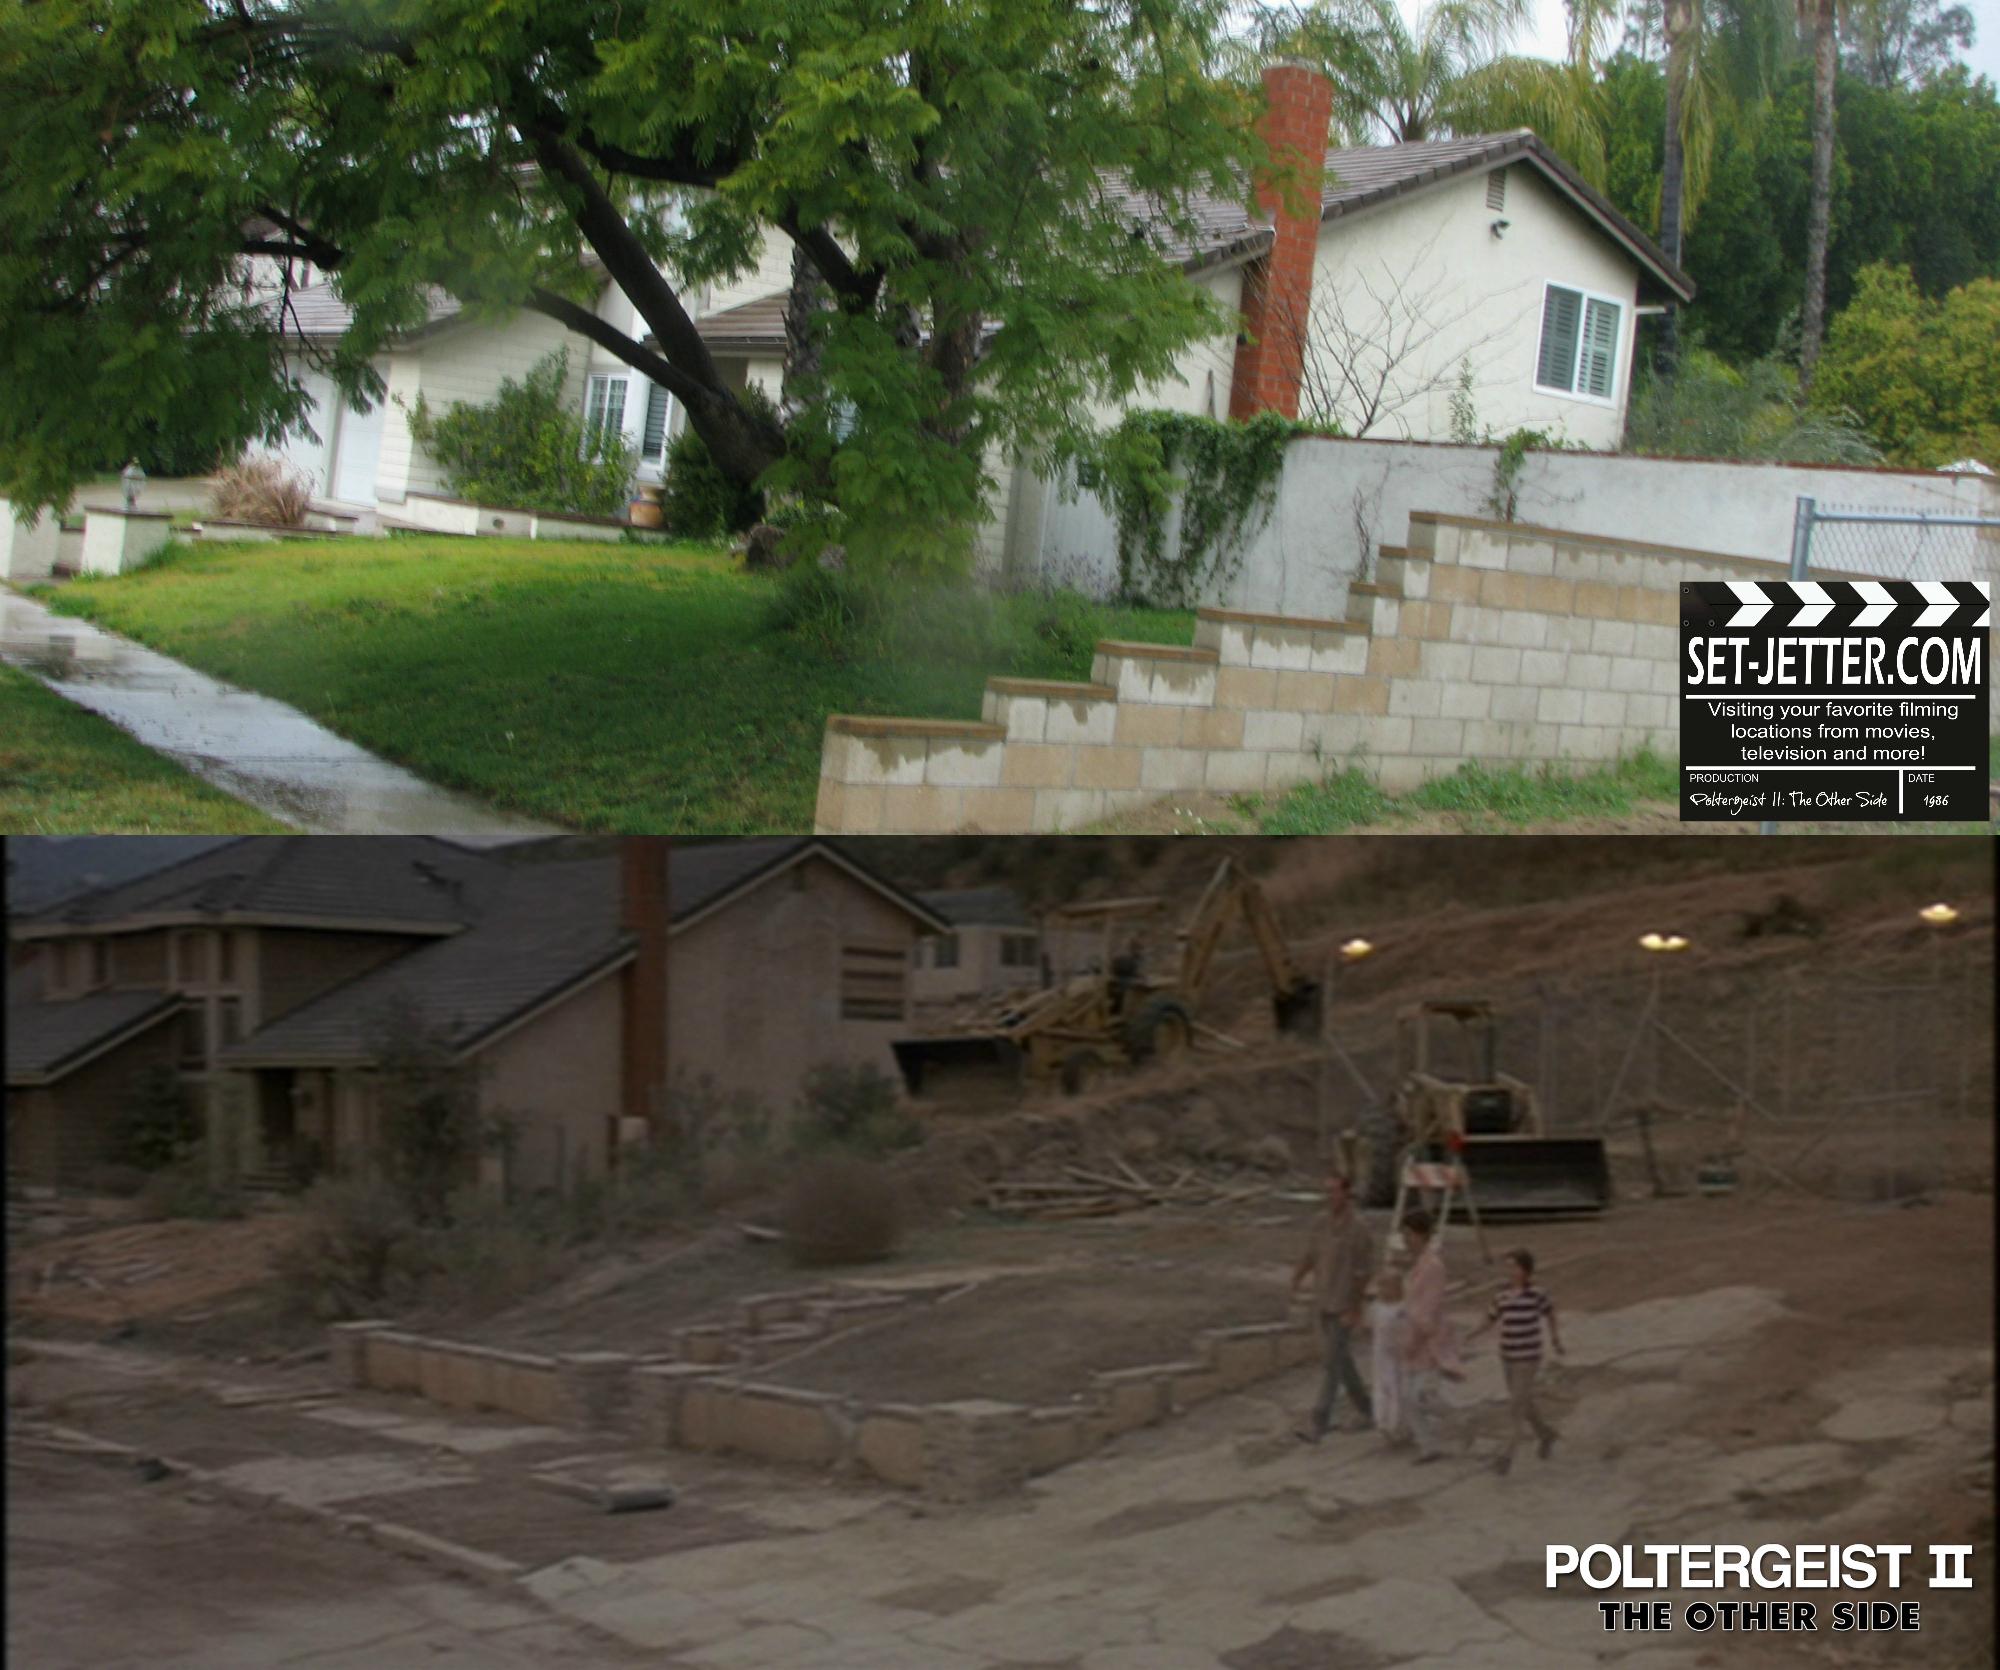 Poltergeist II comparison 14.jpg